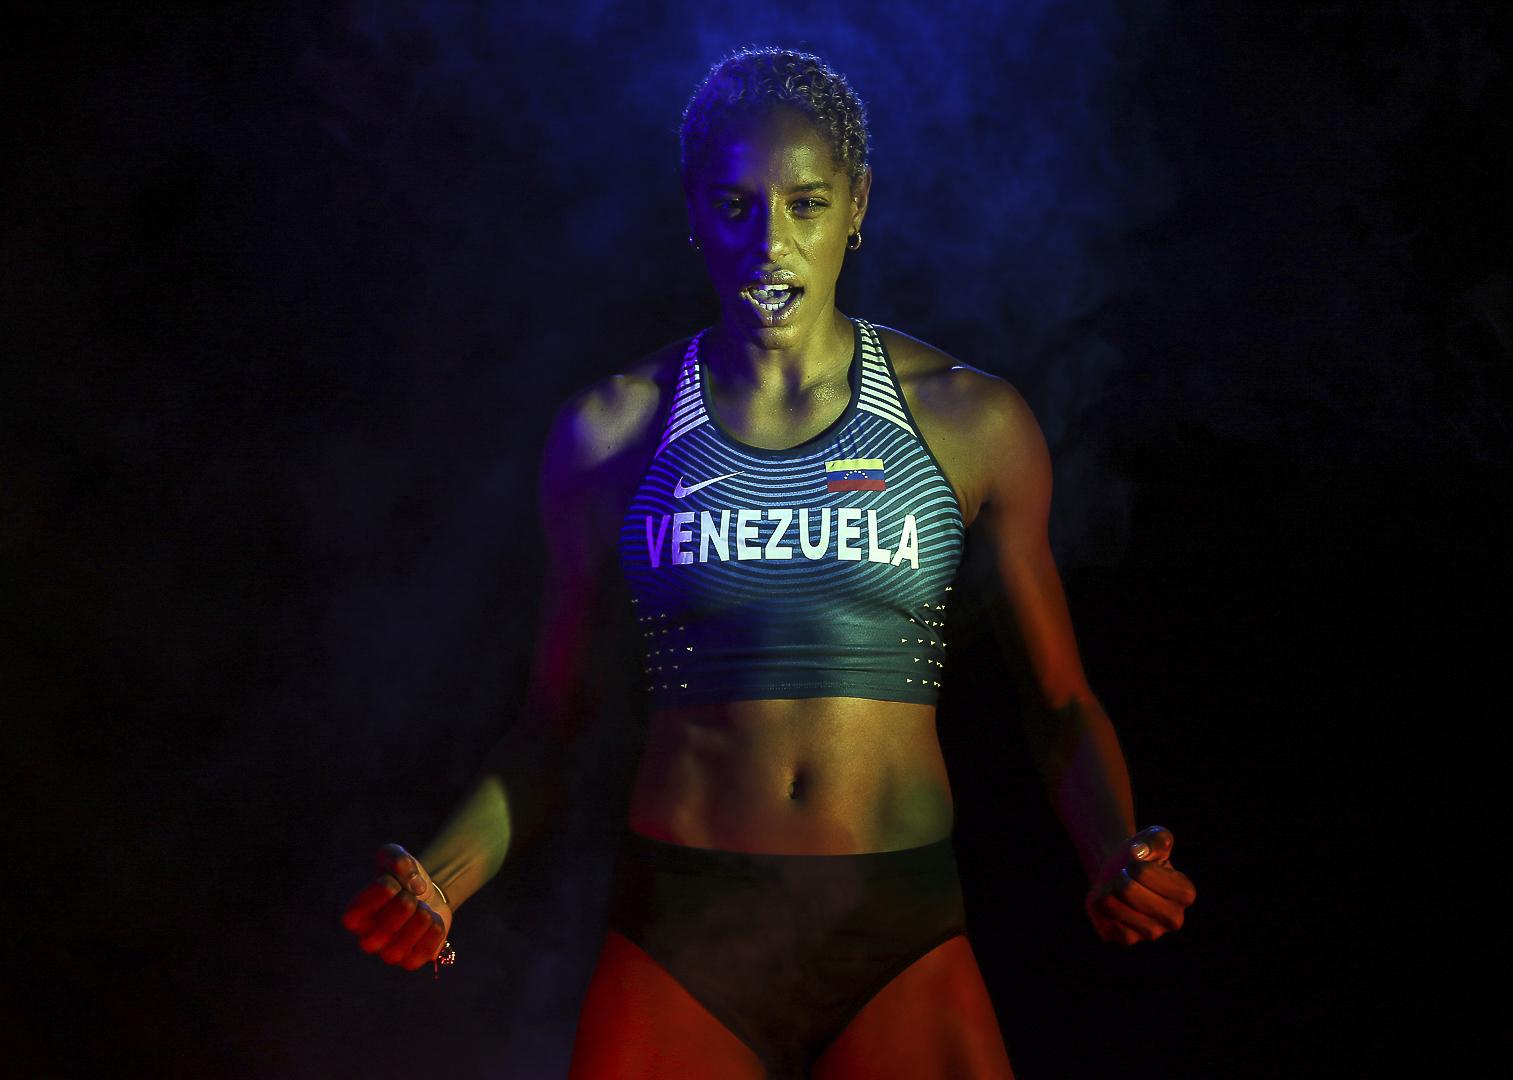 Yulimar Rojas posa con la camiseta de Venezuela